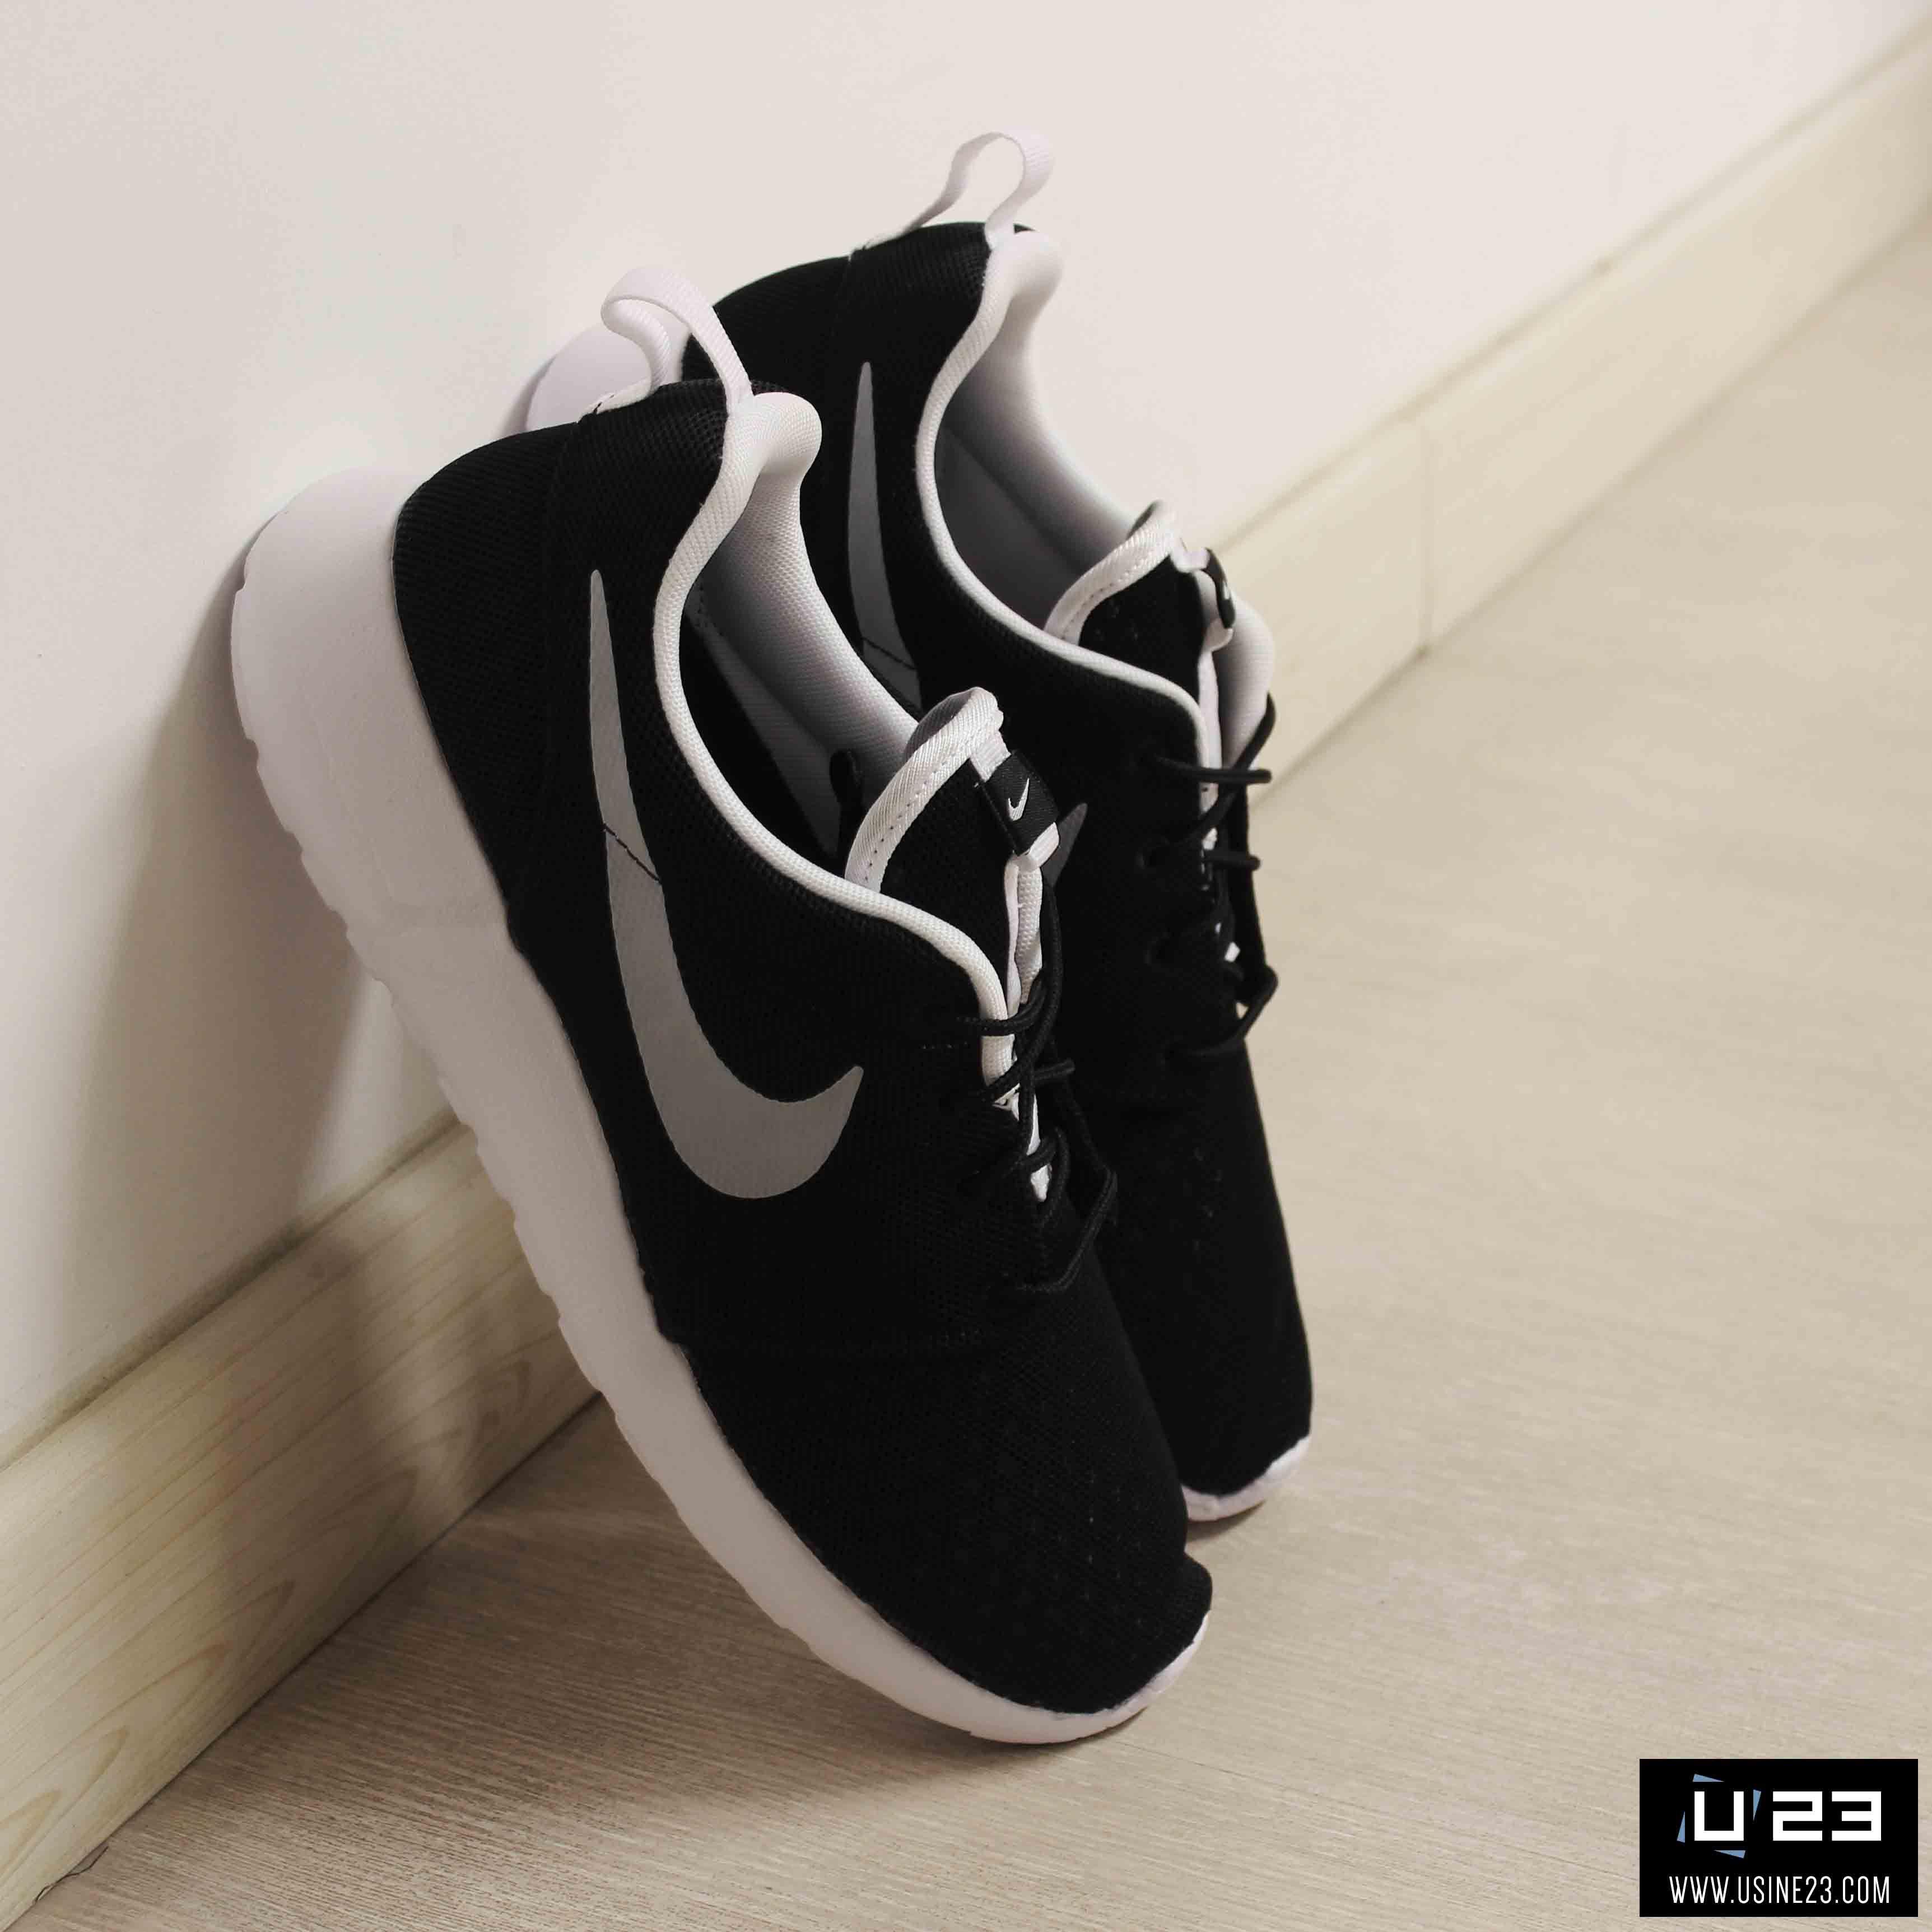 Nike Roshe One Chaussures Homme homme : Voici la Roshe One ; un modèle  ultra-léger et respirant très recherché par les passionnés de la marque  [...]